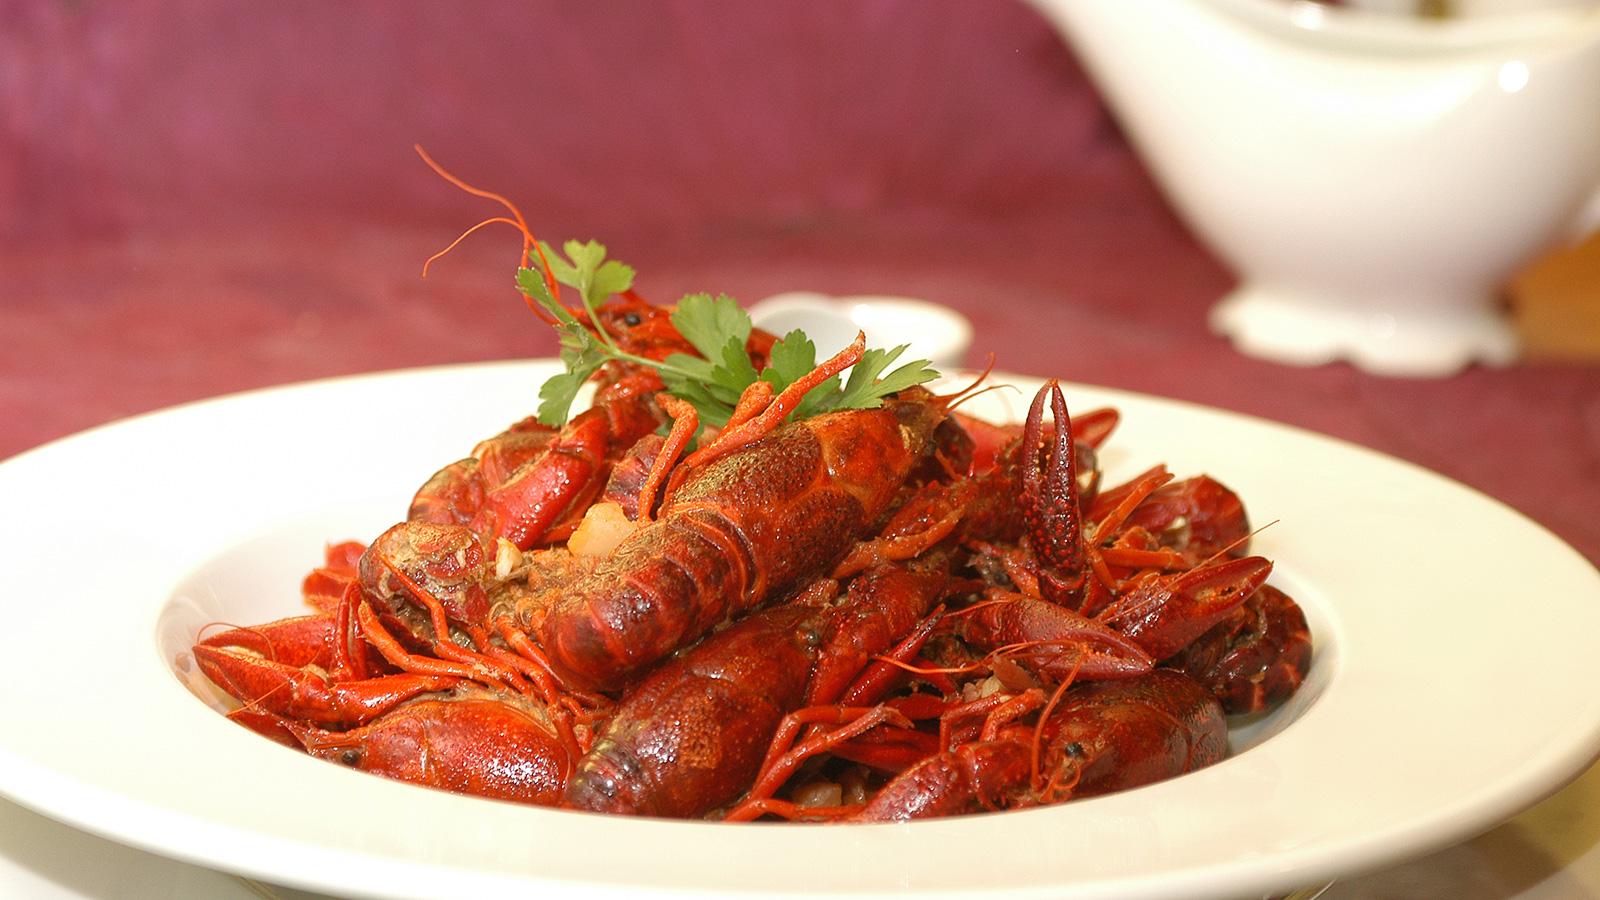 Bonito como cocinar los cangrejos de rio im genes for Cocinar ortigas de mar